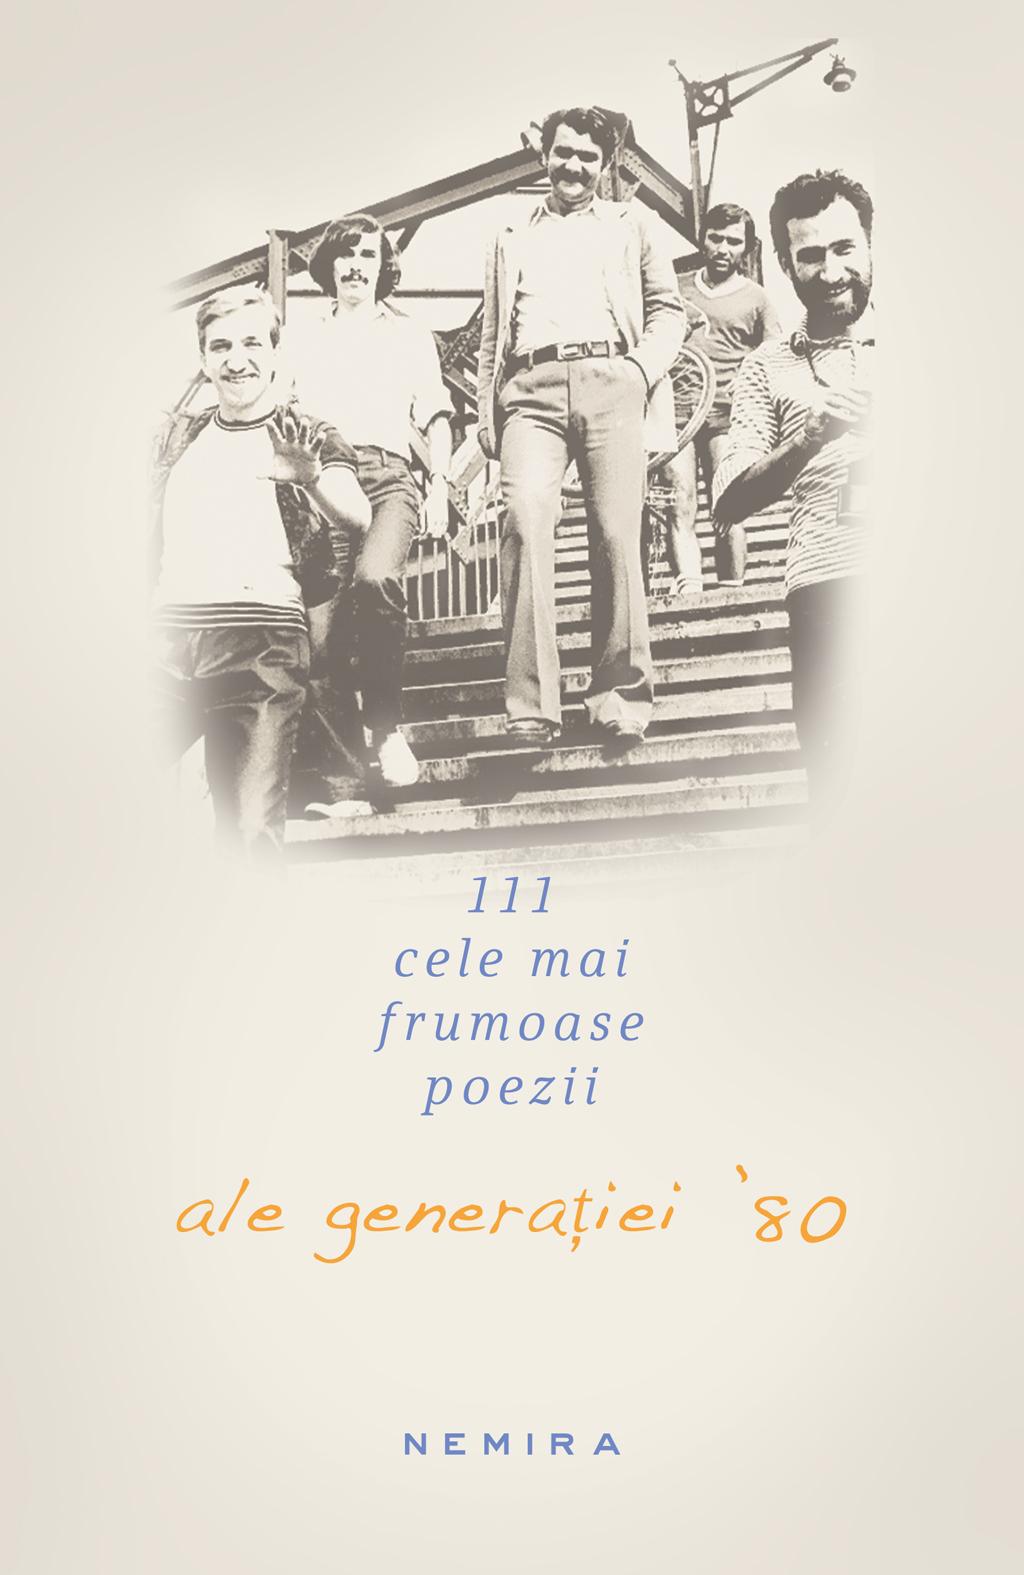 111 Cele mai frumoase poezii ale generatiei 80